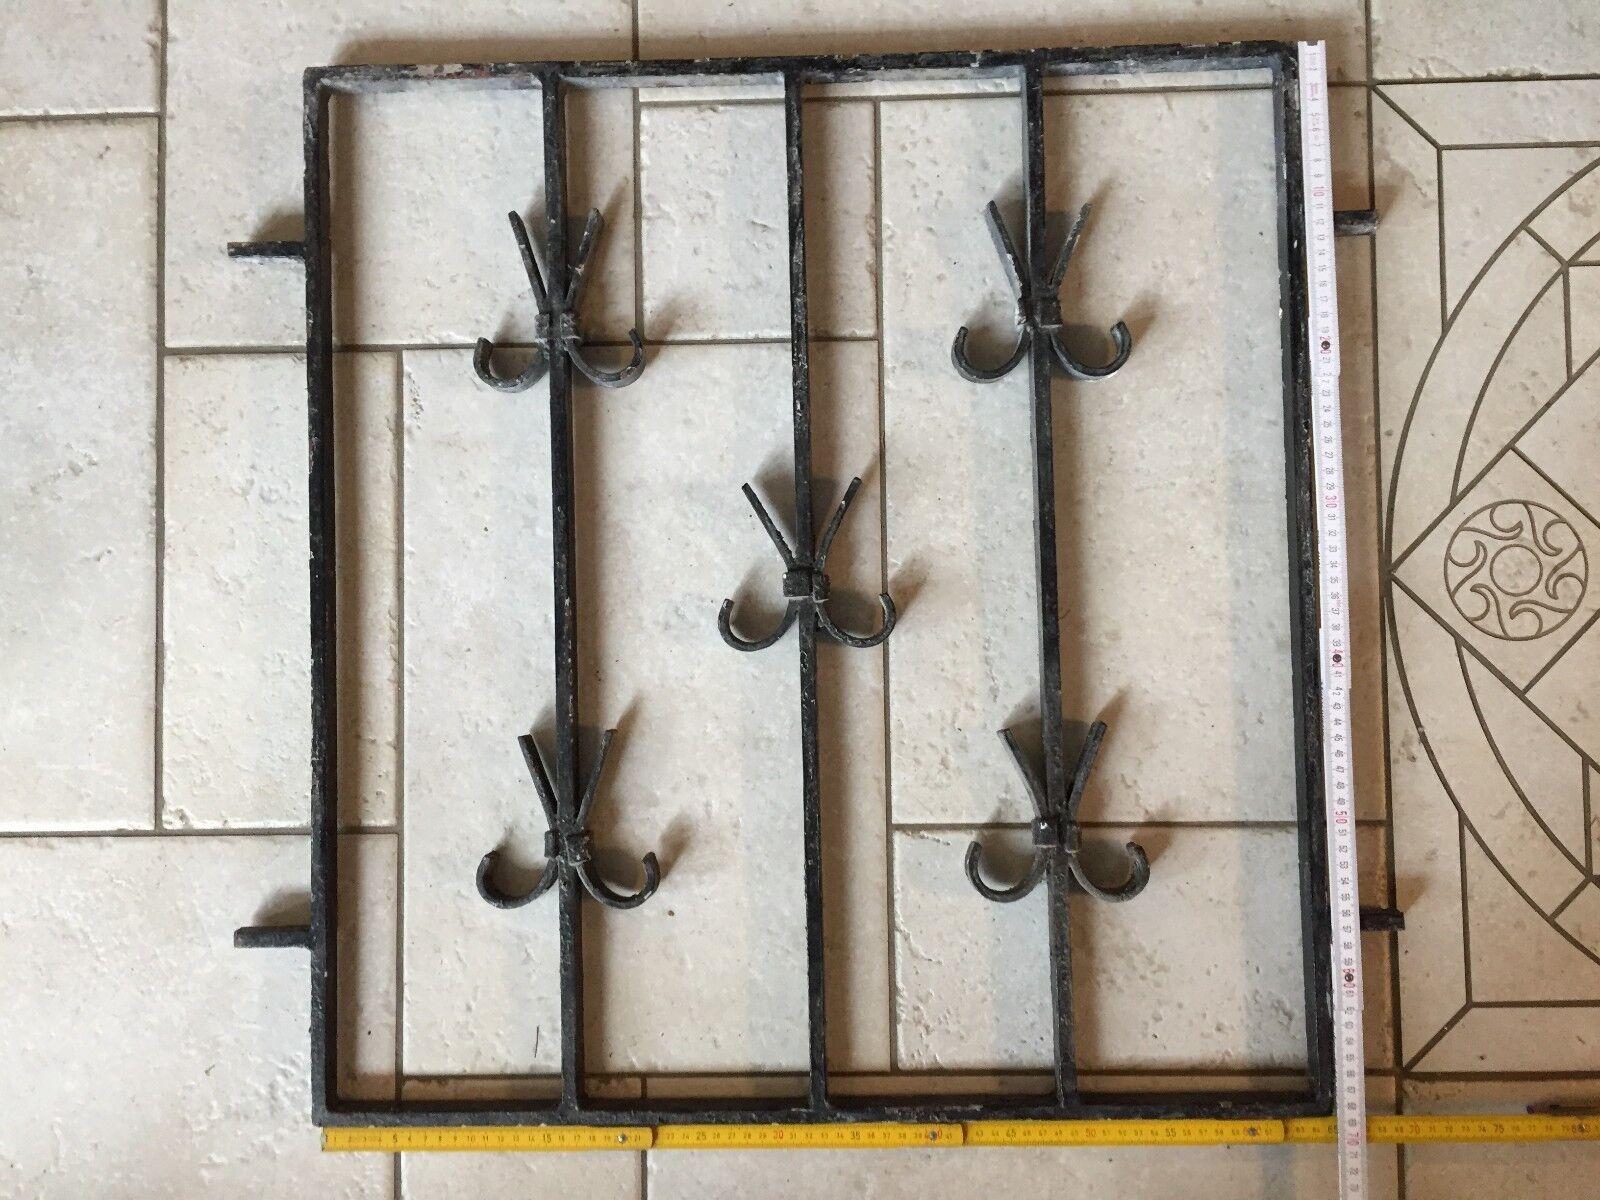 Fenstergitter / Einbruchschutz Schmiedeeisen Gitter